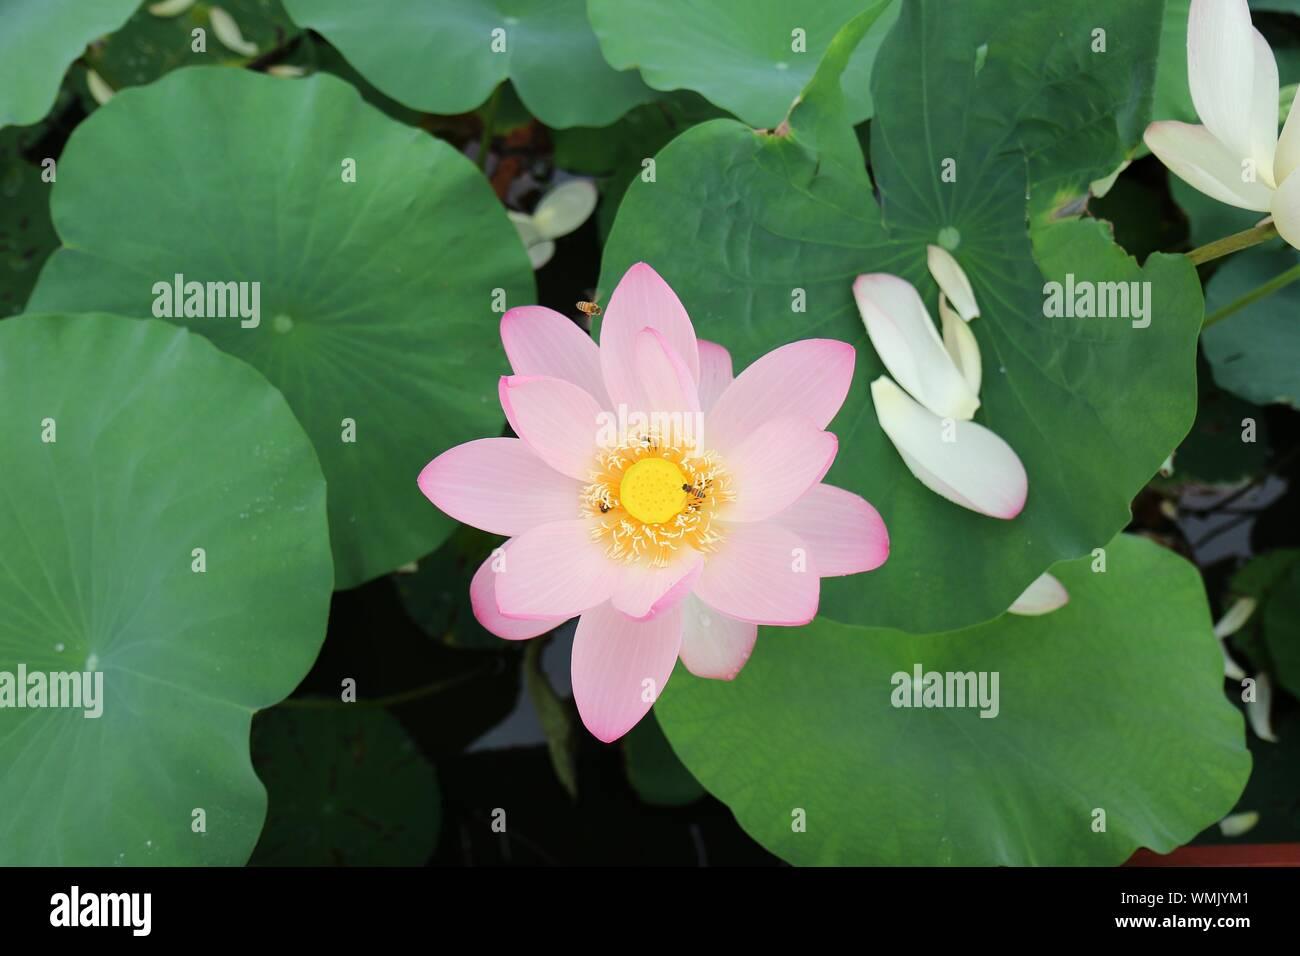 Portrait de fleur de lotus qui fleurit en plein air Banque D'Images